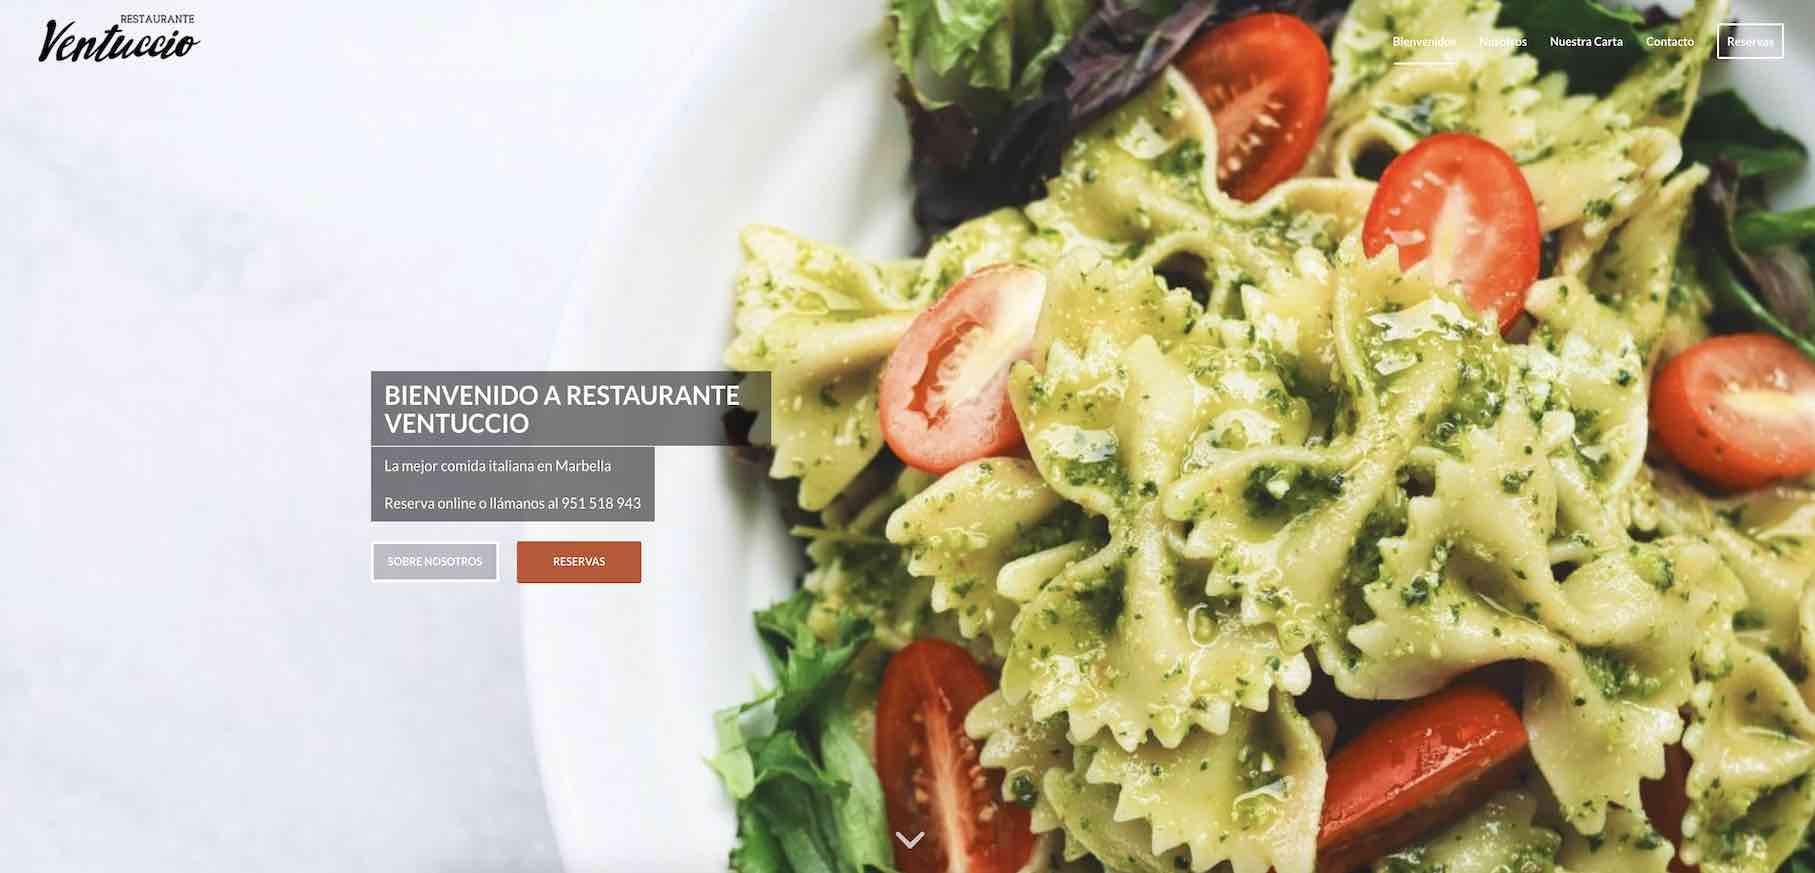 Restaurante Ventuccio Marbella